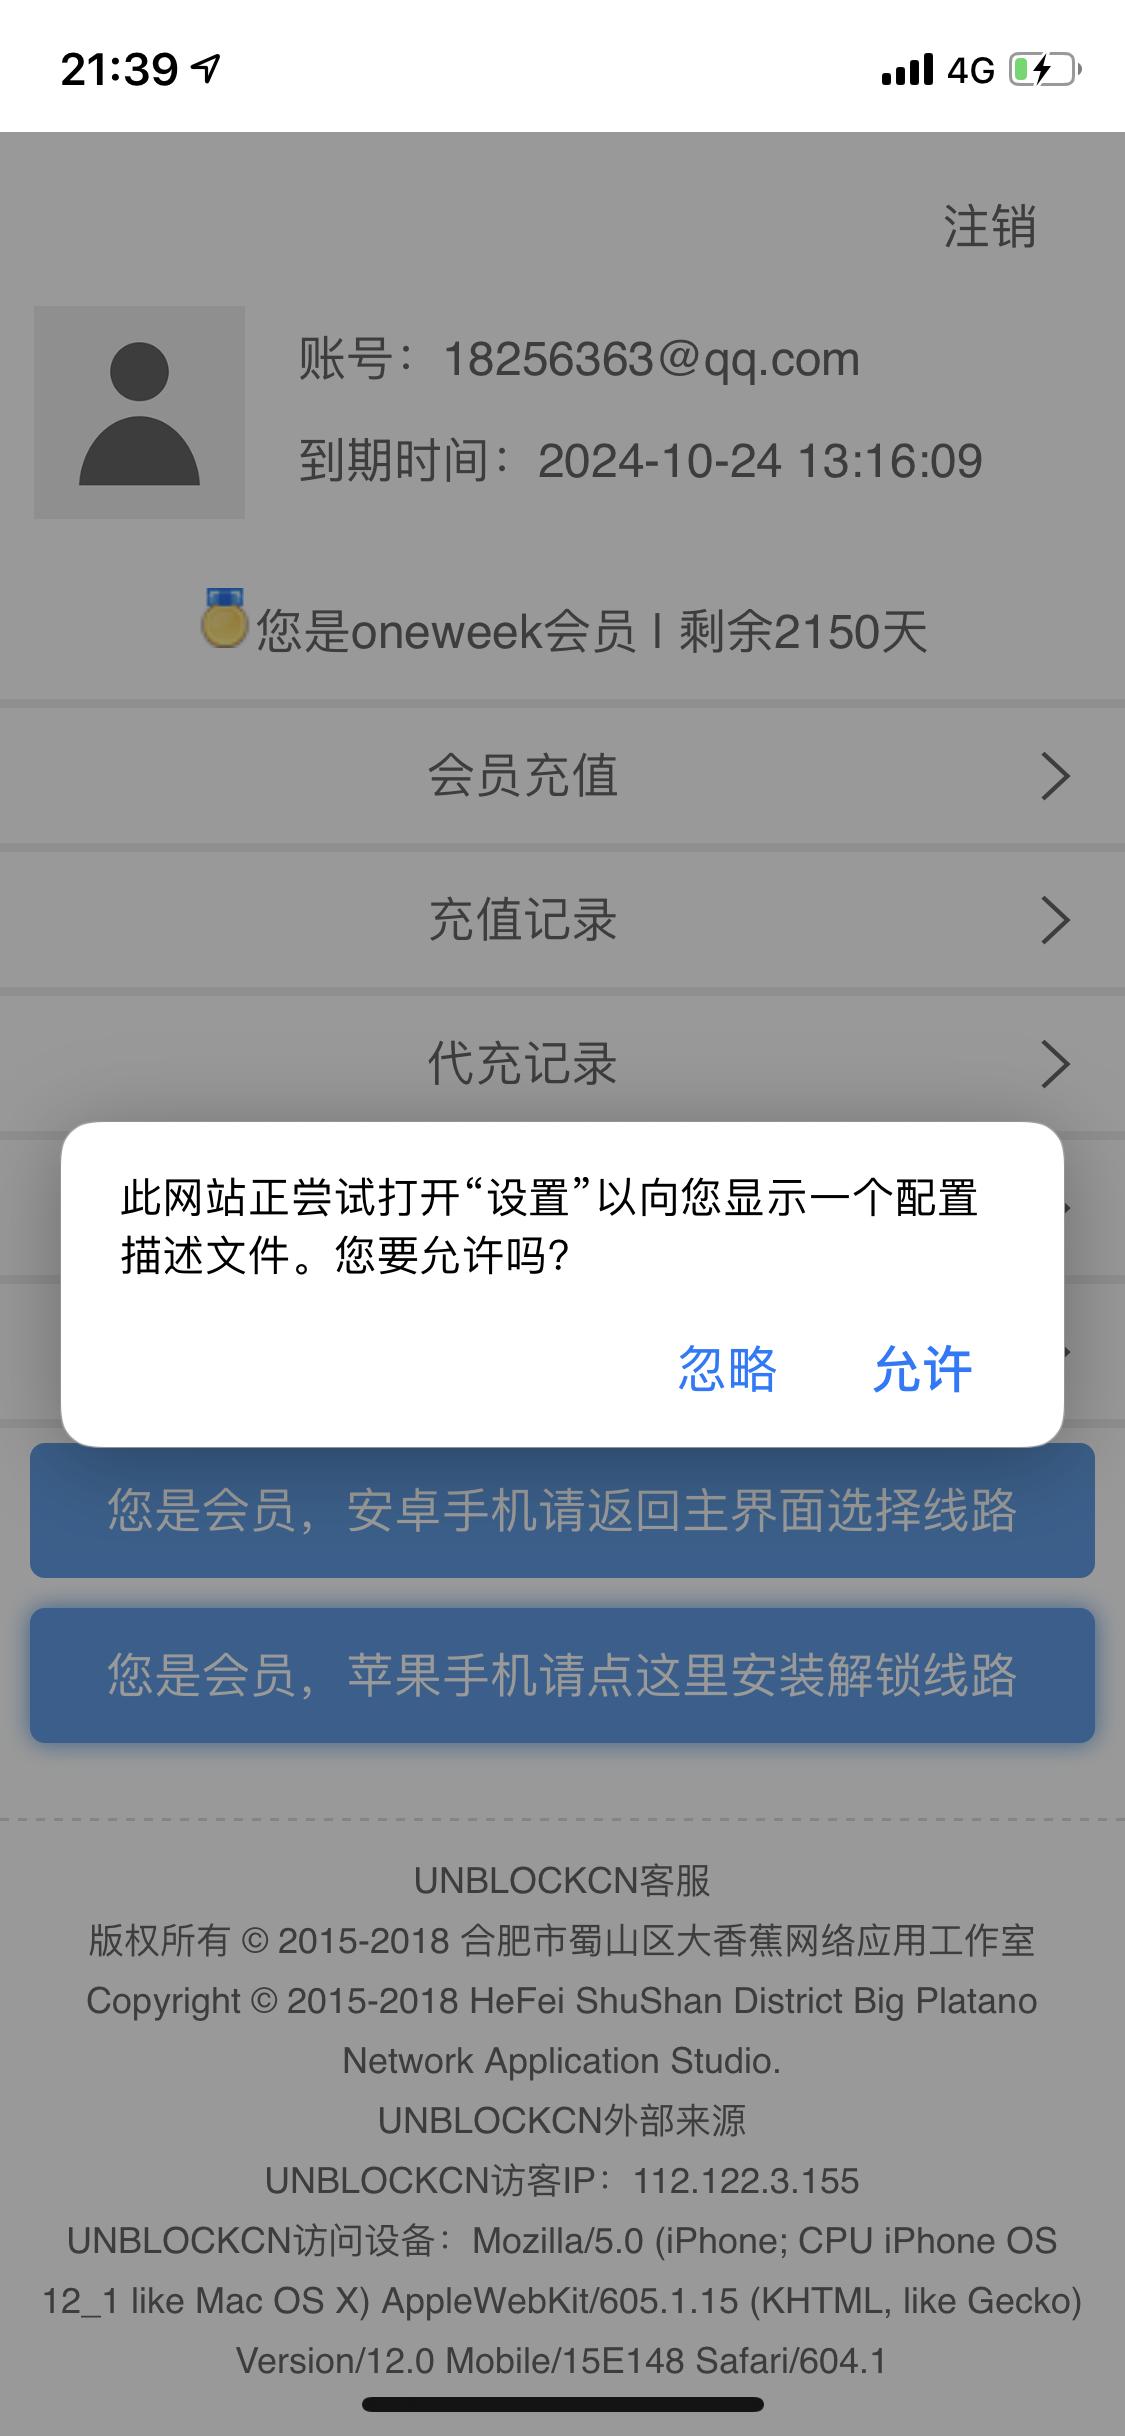 unblockcn苹果下载